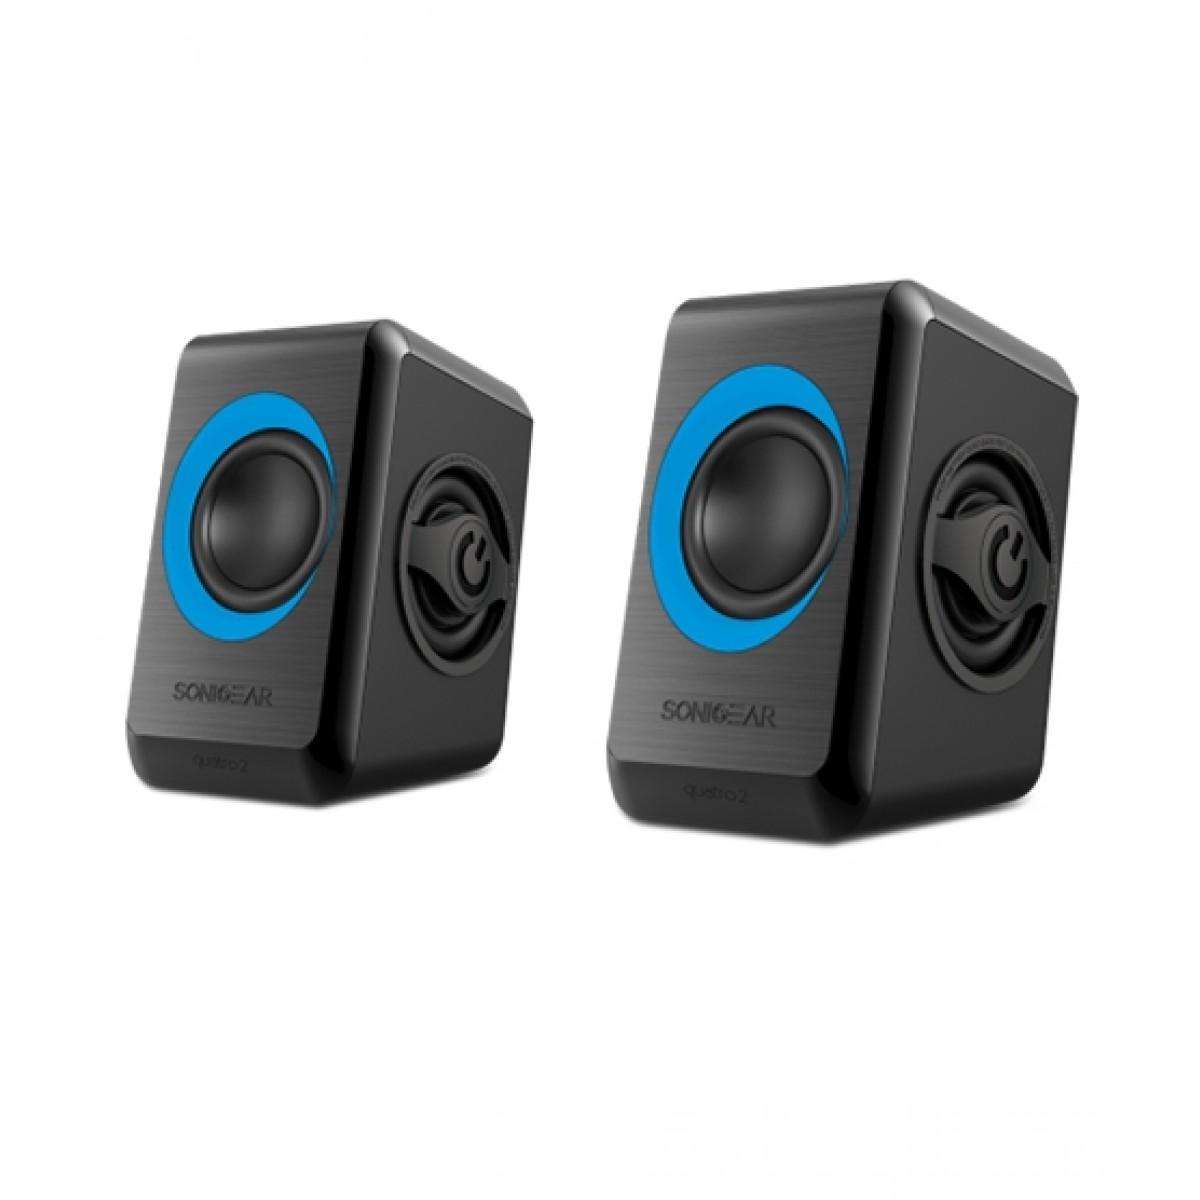 SonicGear Quatro 2 Speakers Black/Turquila